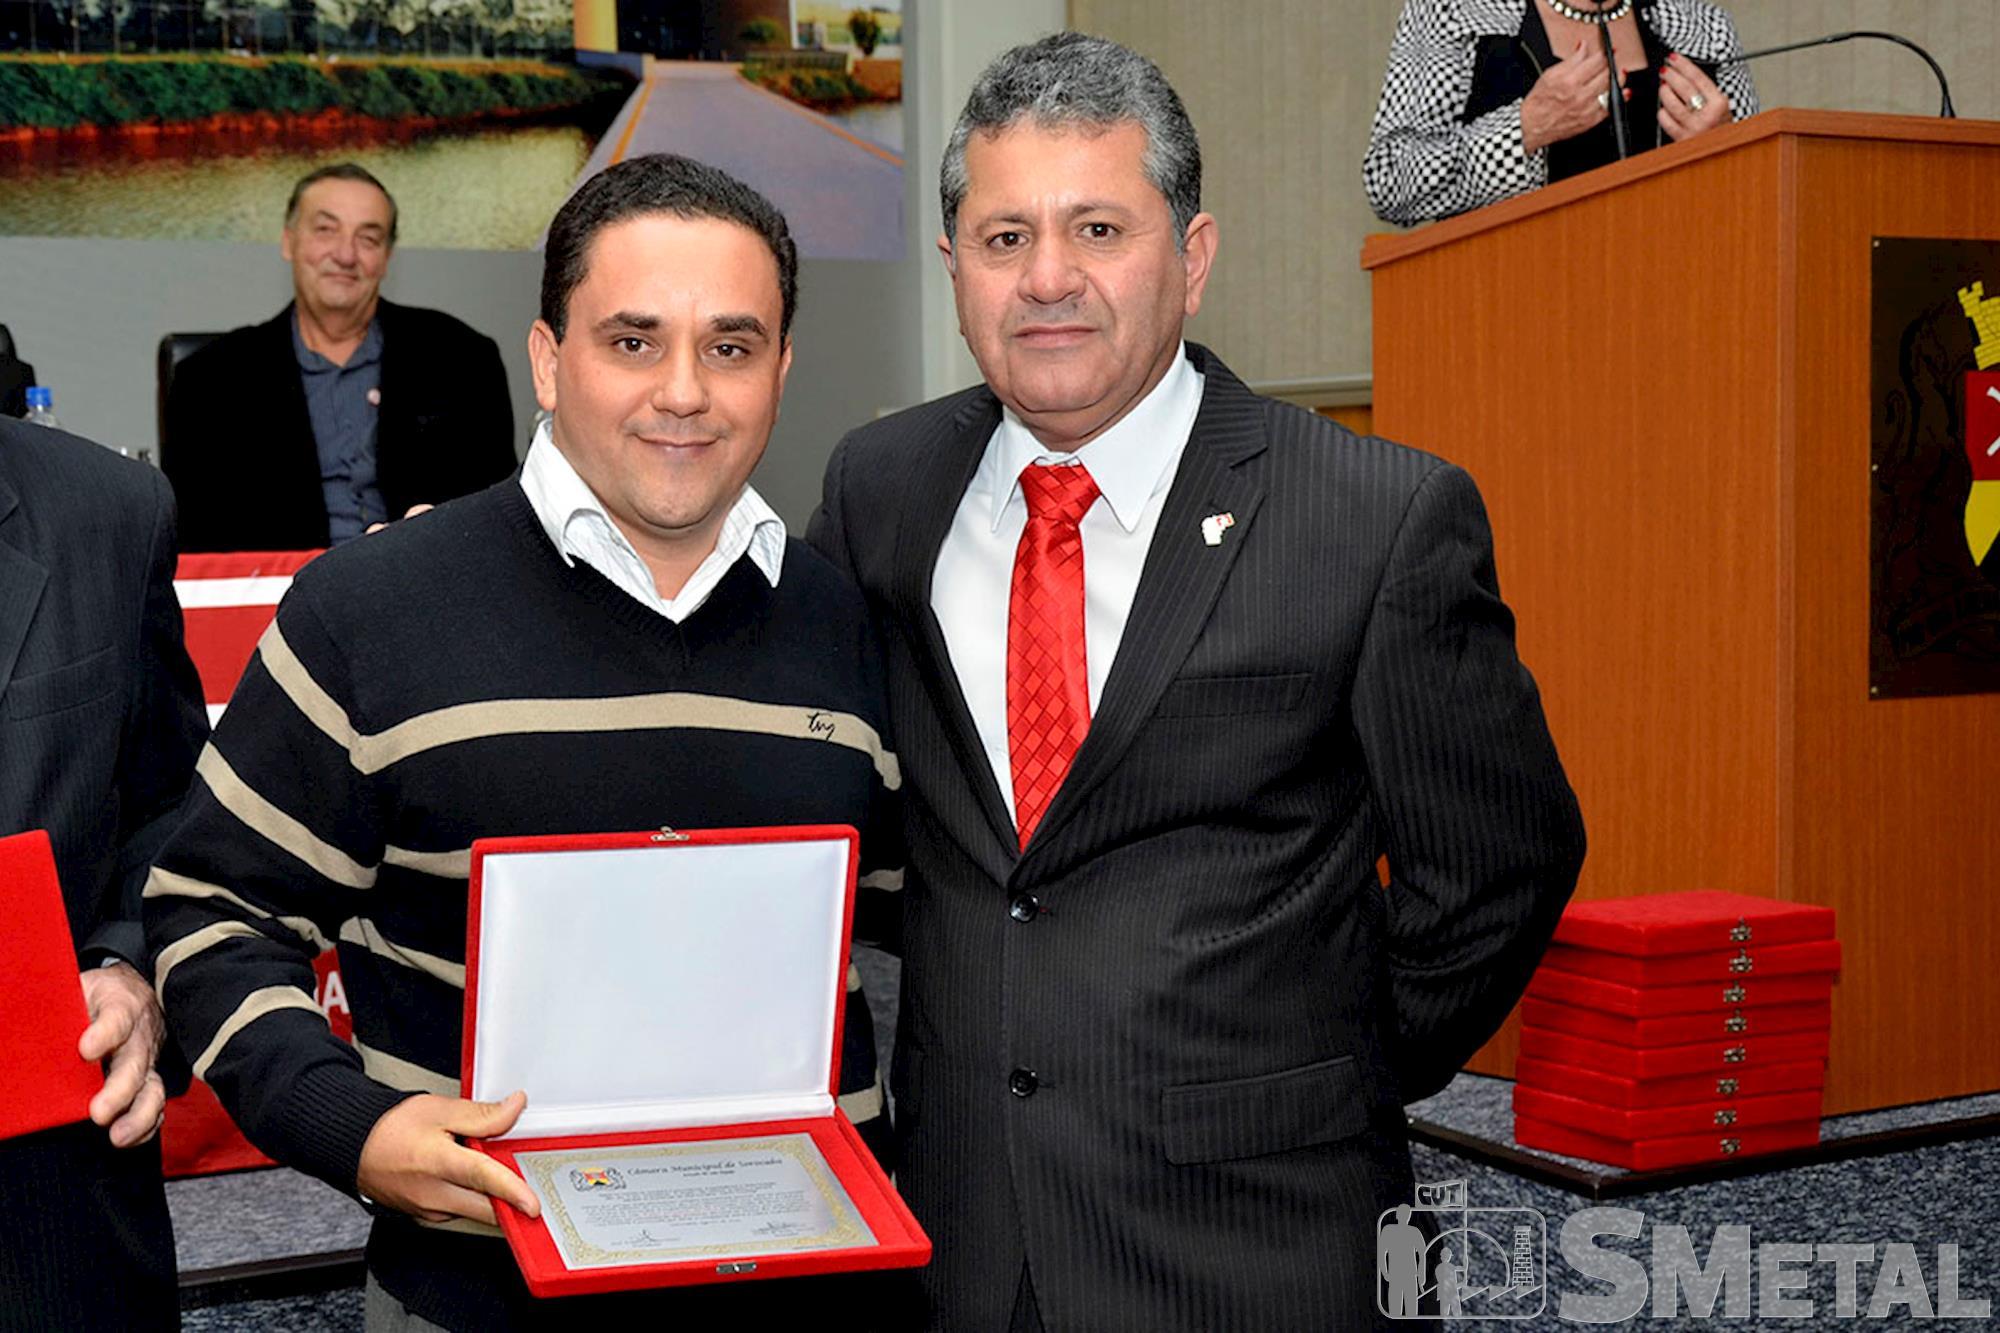 Francis da Silva,  filho do sindicalista Wilson Fernando da Silva,  o Bolinha,  recebeu homenagem em nome do pai,  um dos fundadores da CUT, Sessão Solene na Câmara de Sorocaba comemora 30 anos de CUT